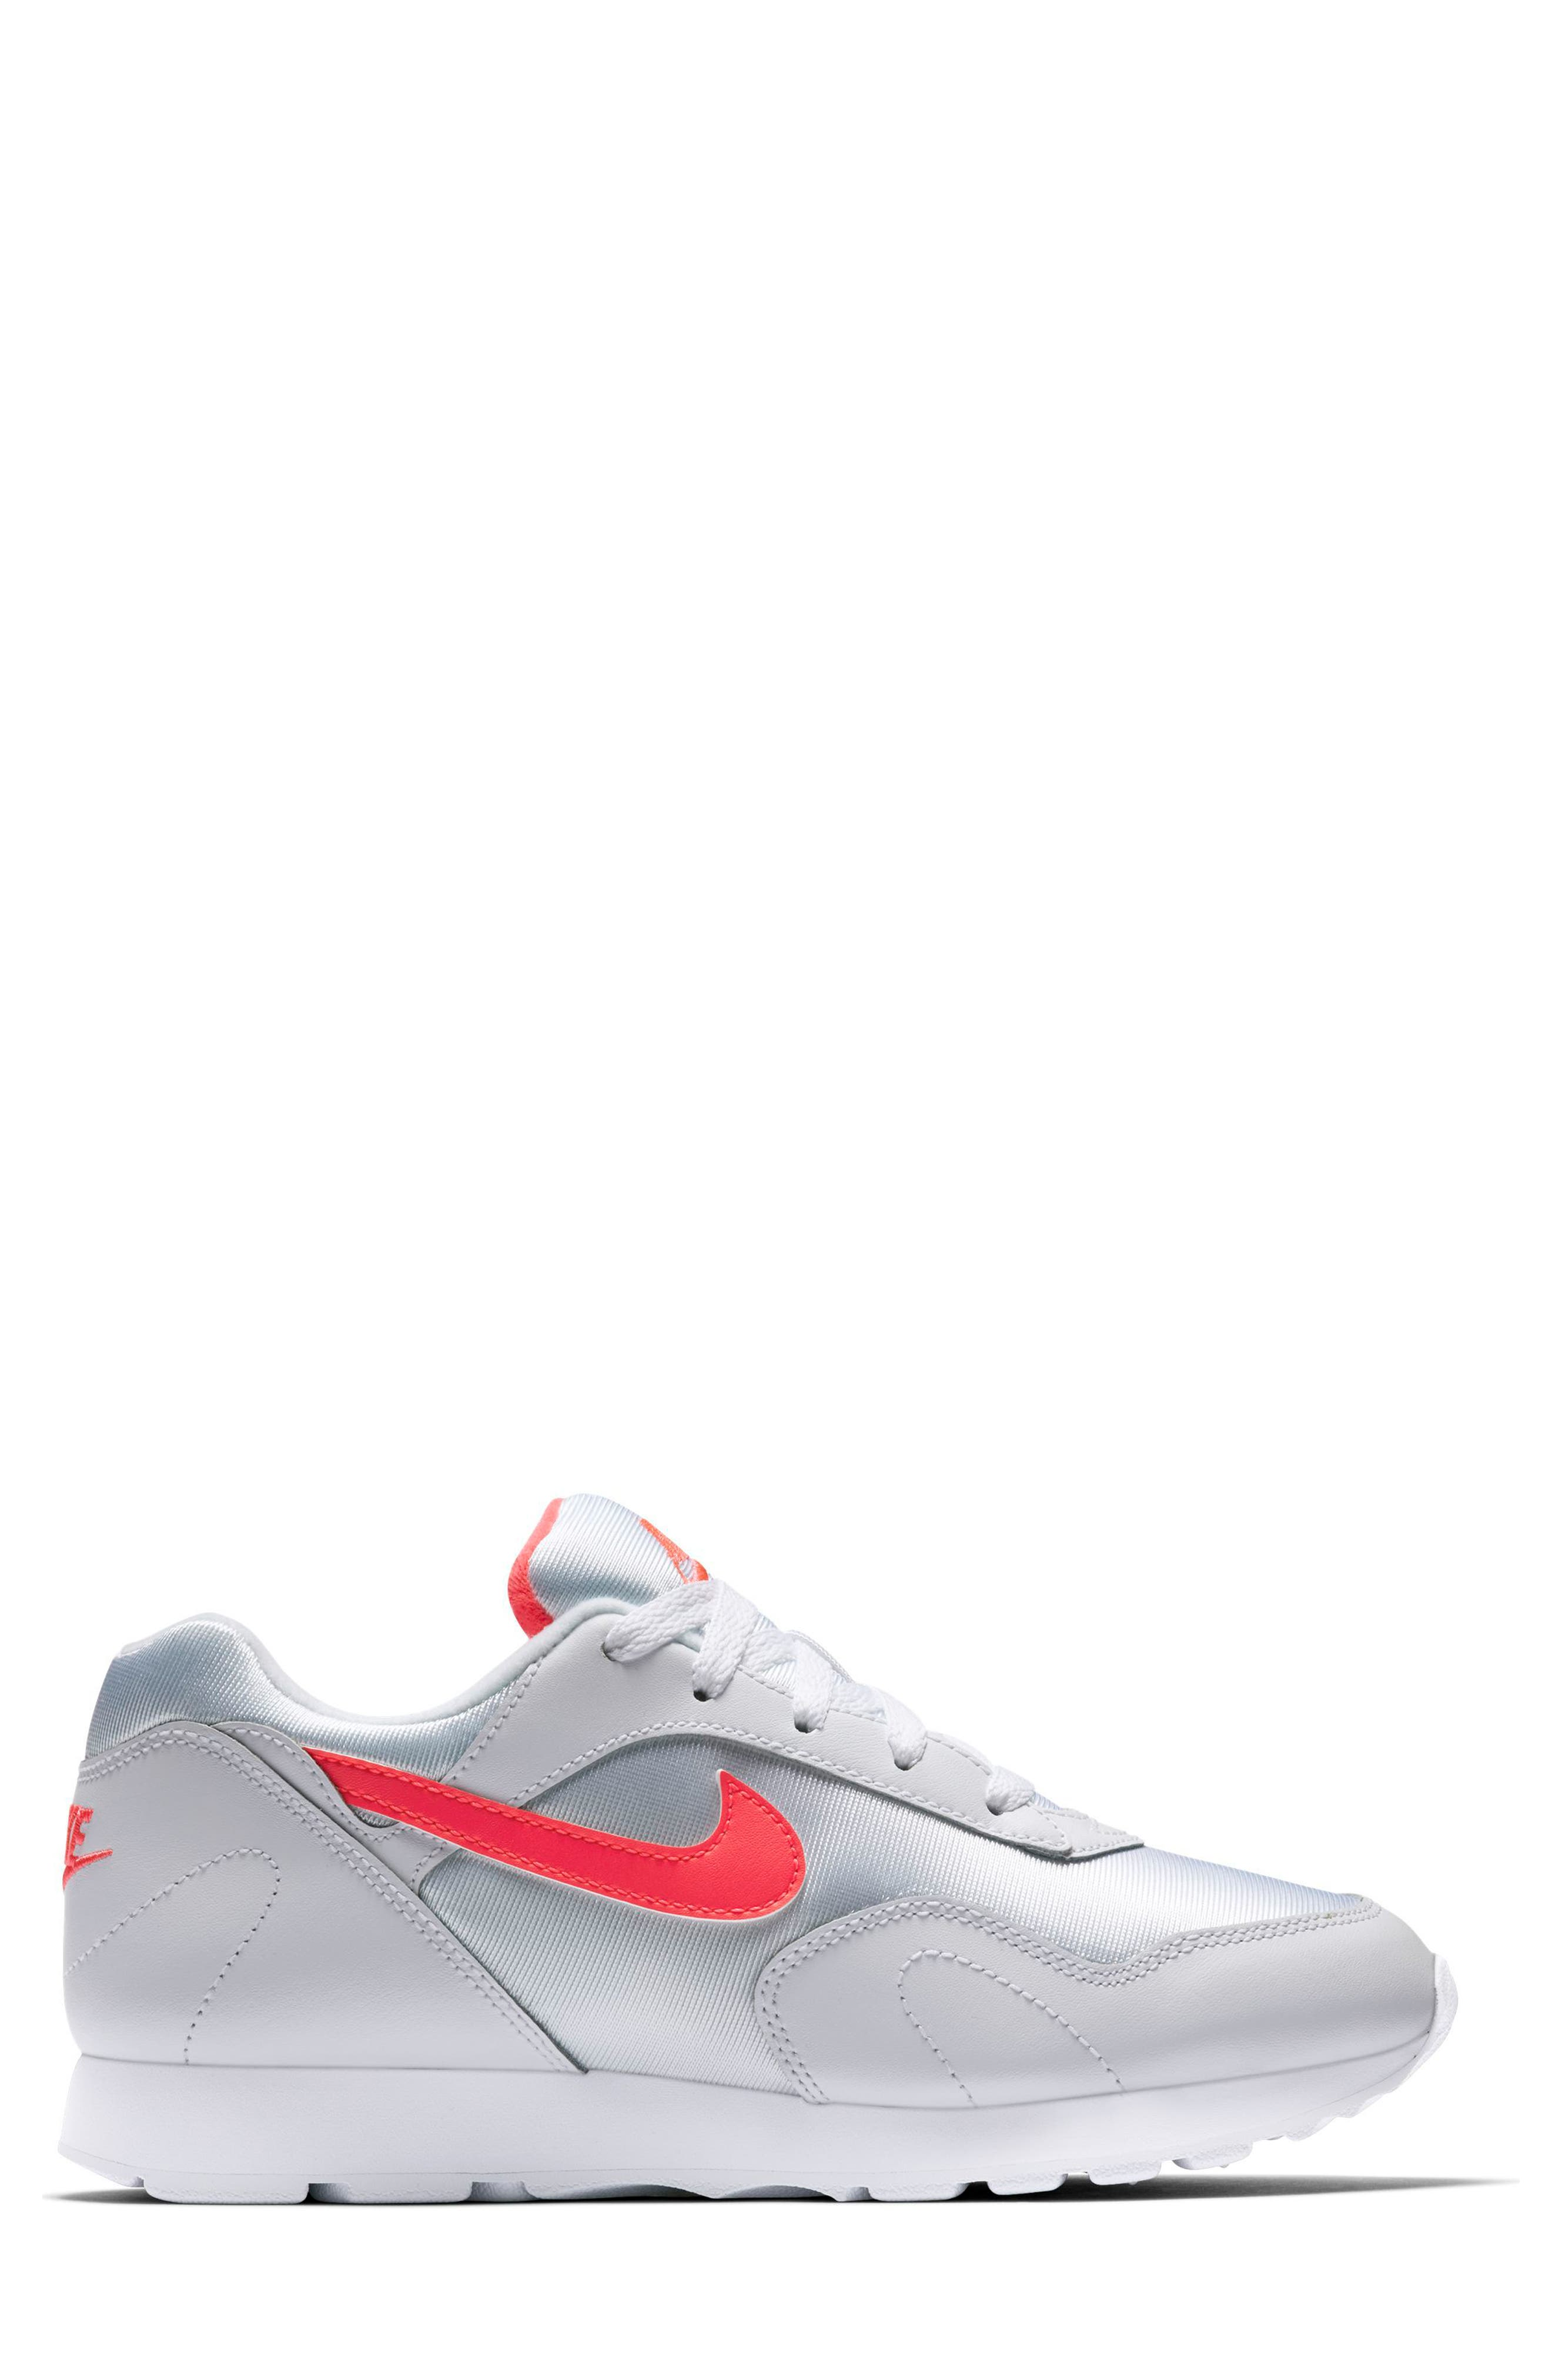 Outburst OG Sneaker,                             Alternate thumbnail 3, color,                             White/ Solar Red